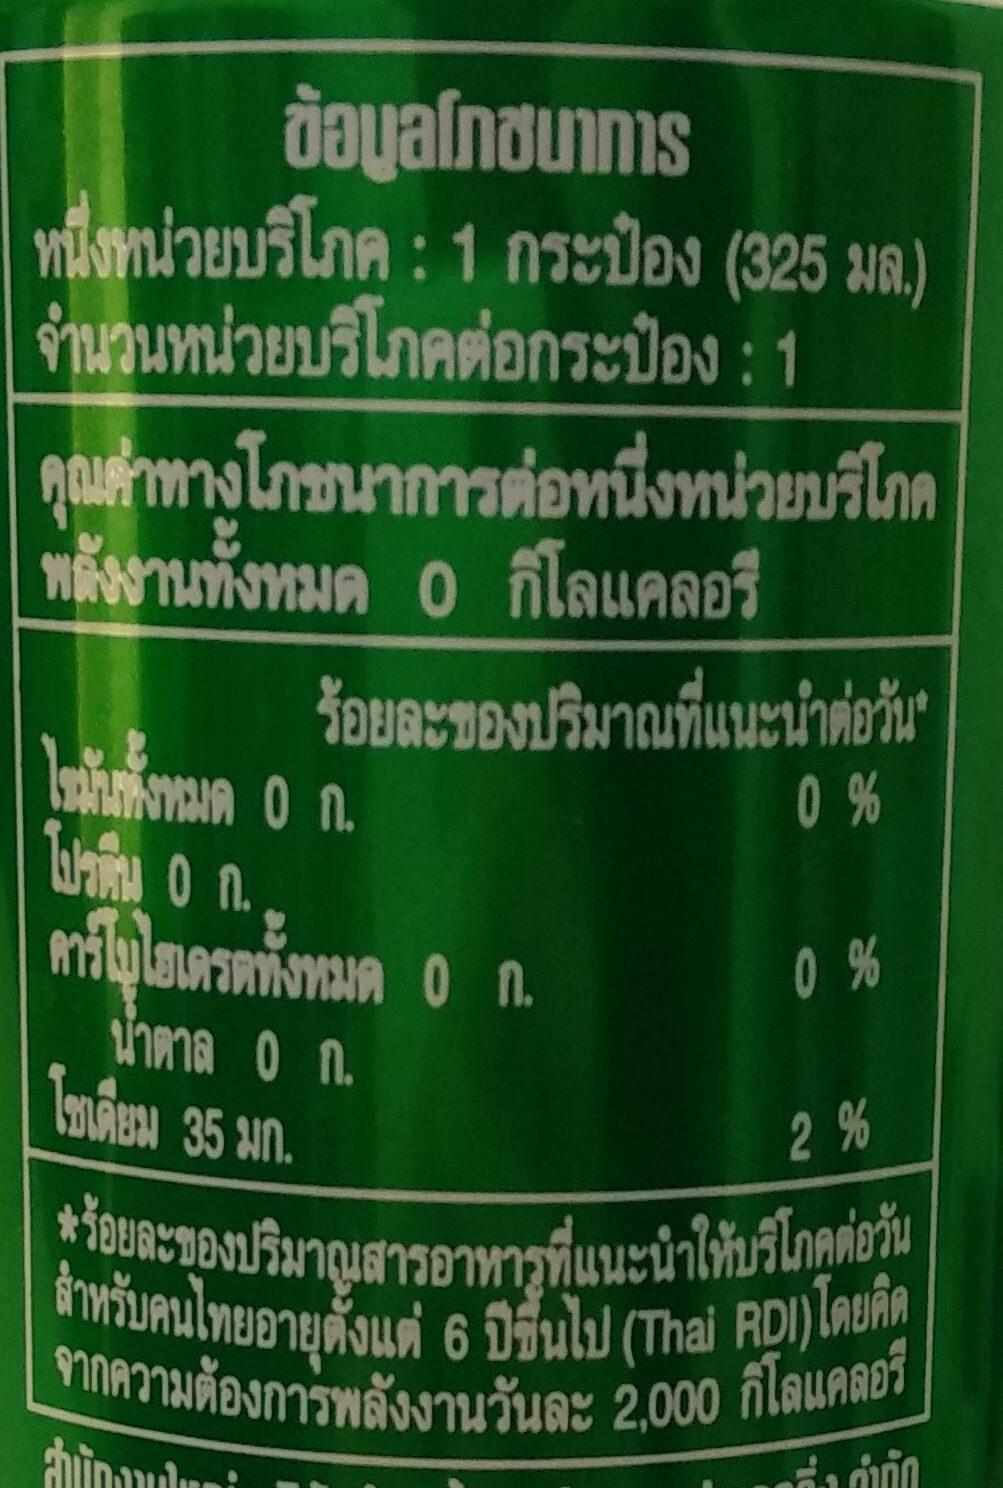 สไปรท์ ไม่มีน้ำตาล - Nutrition facts